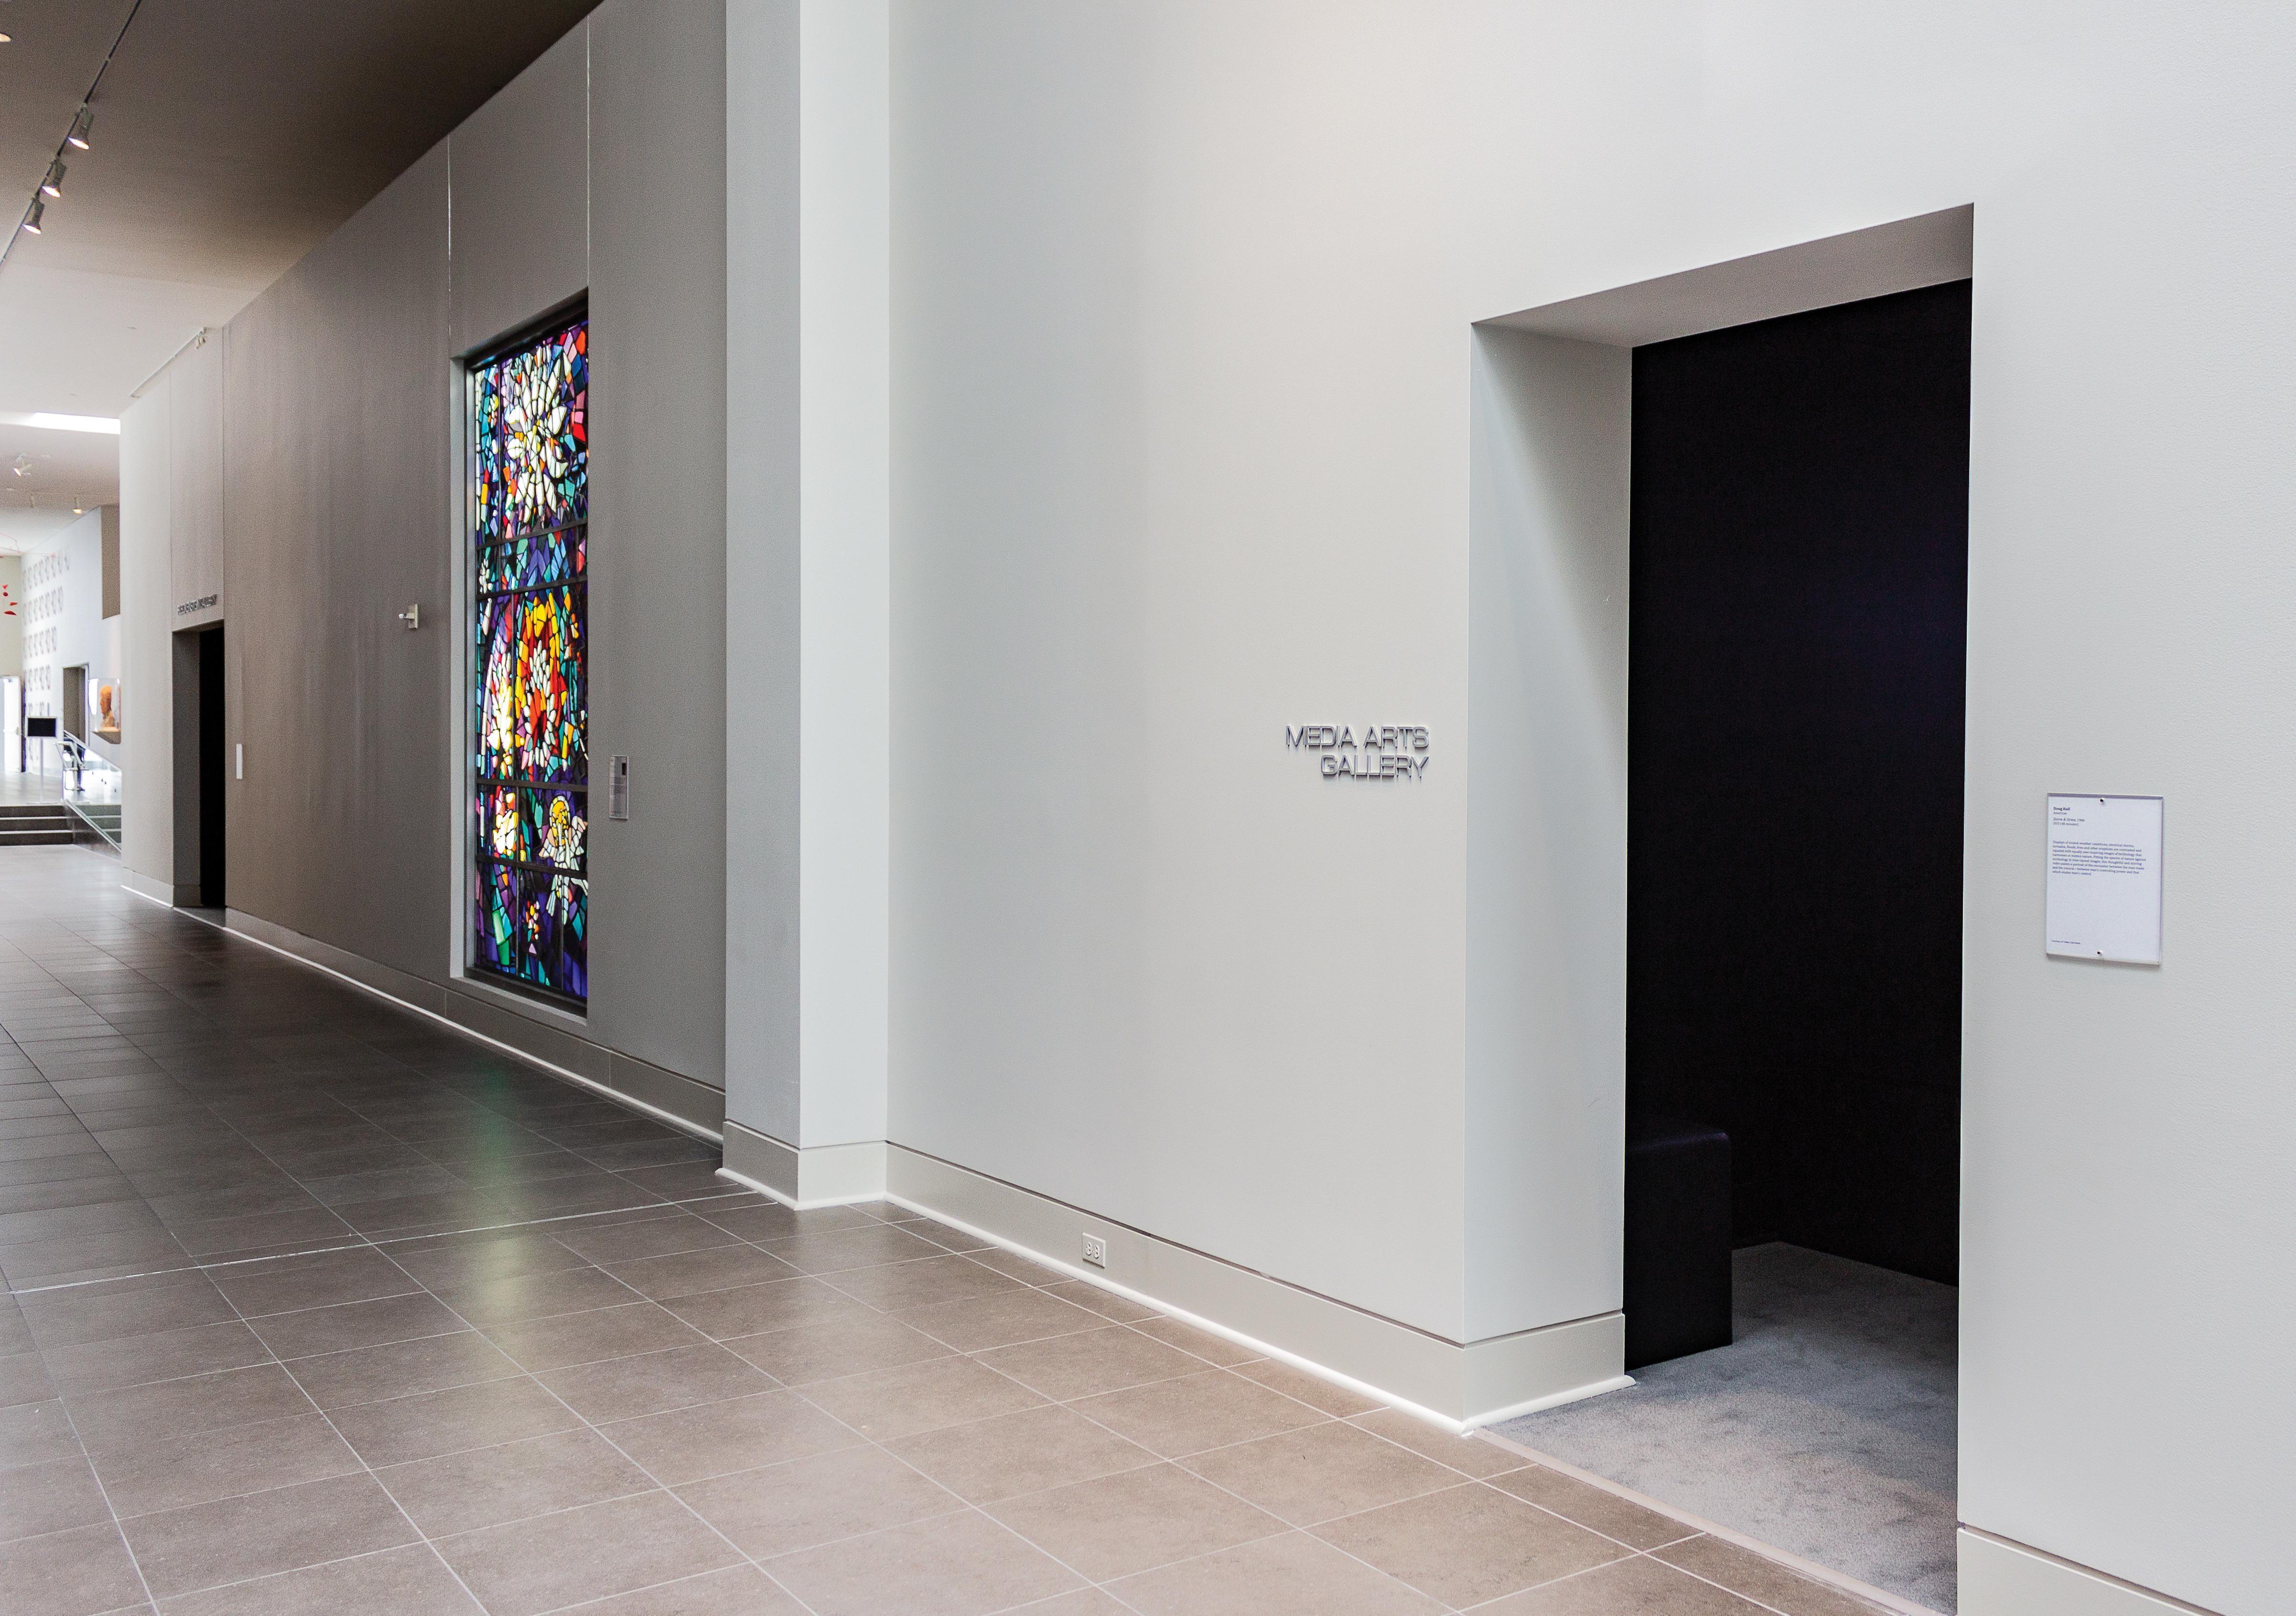 Media Arts Gallery